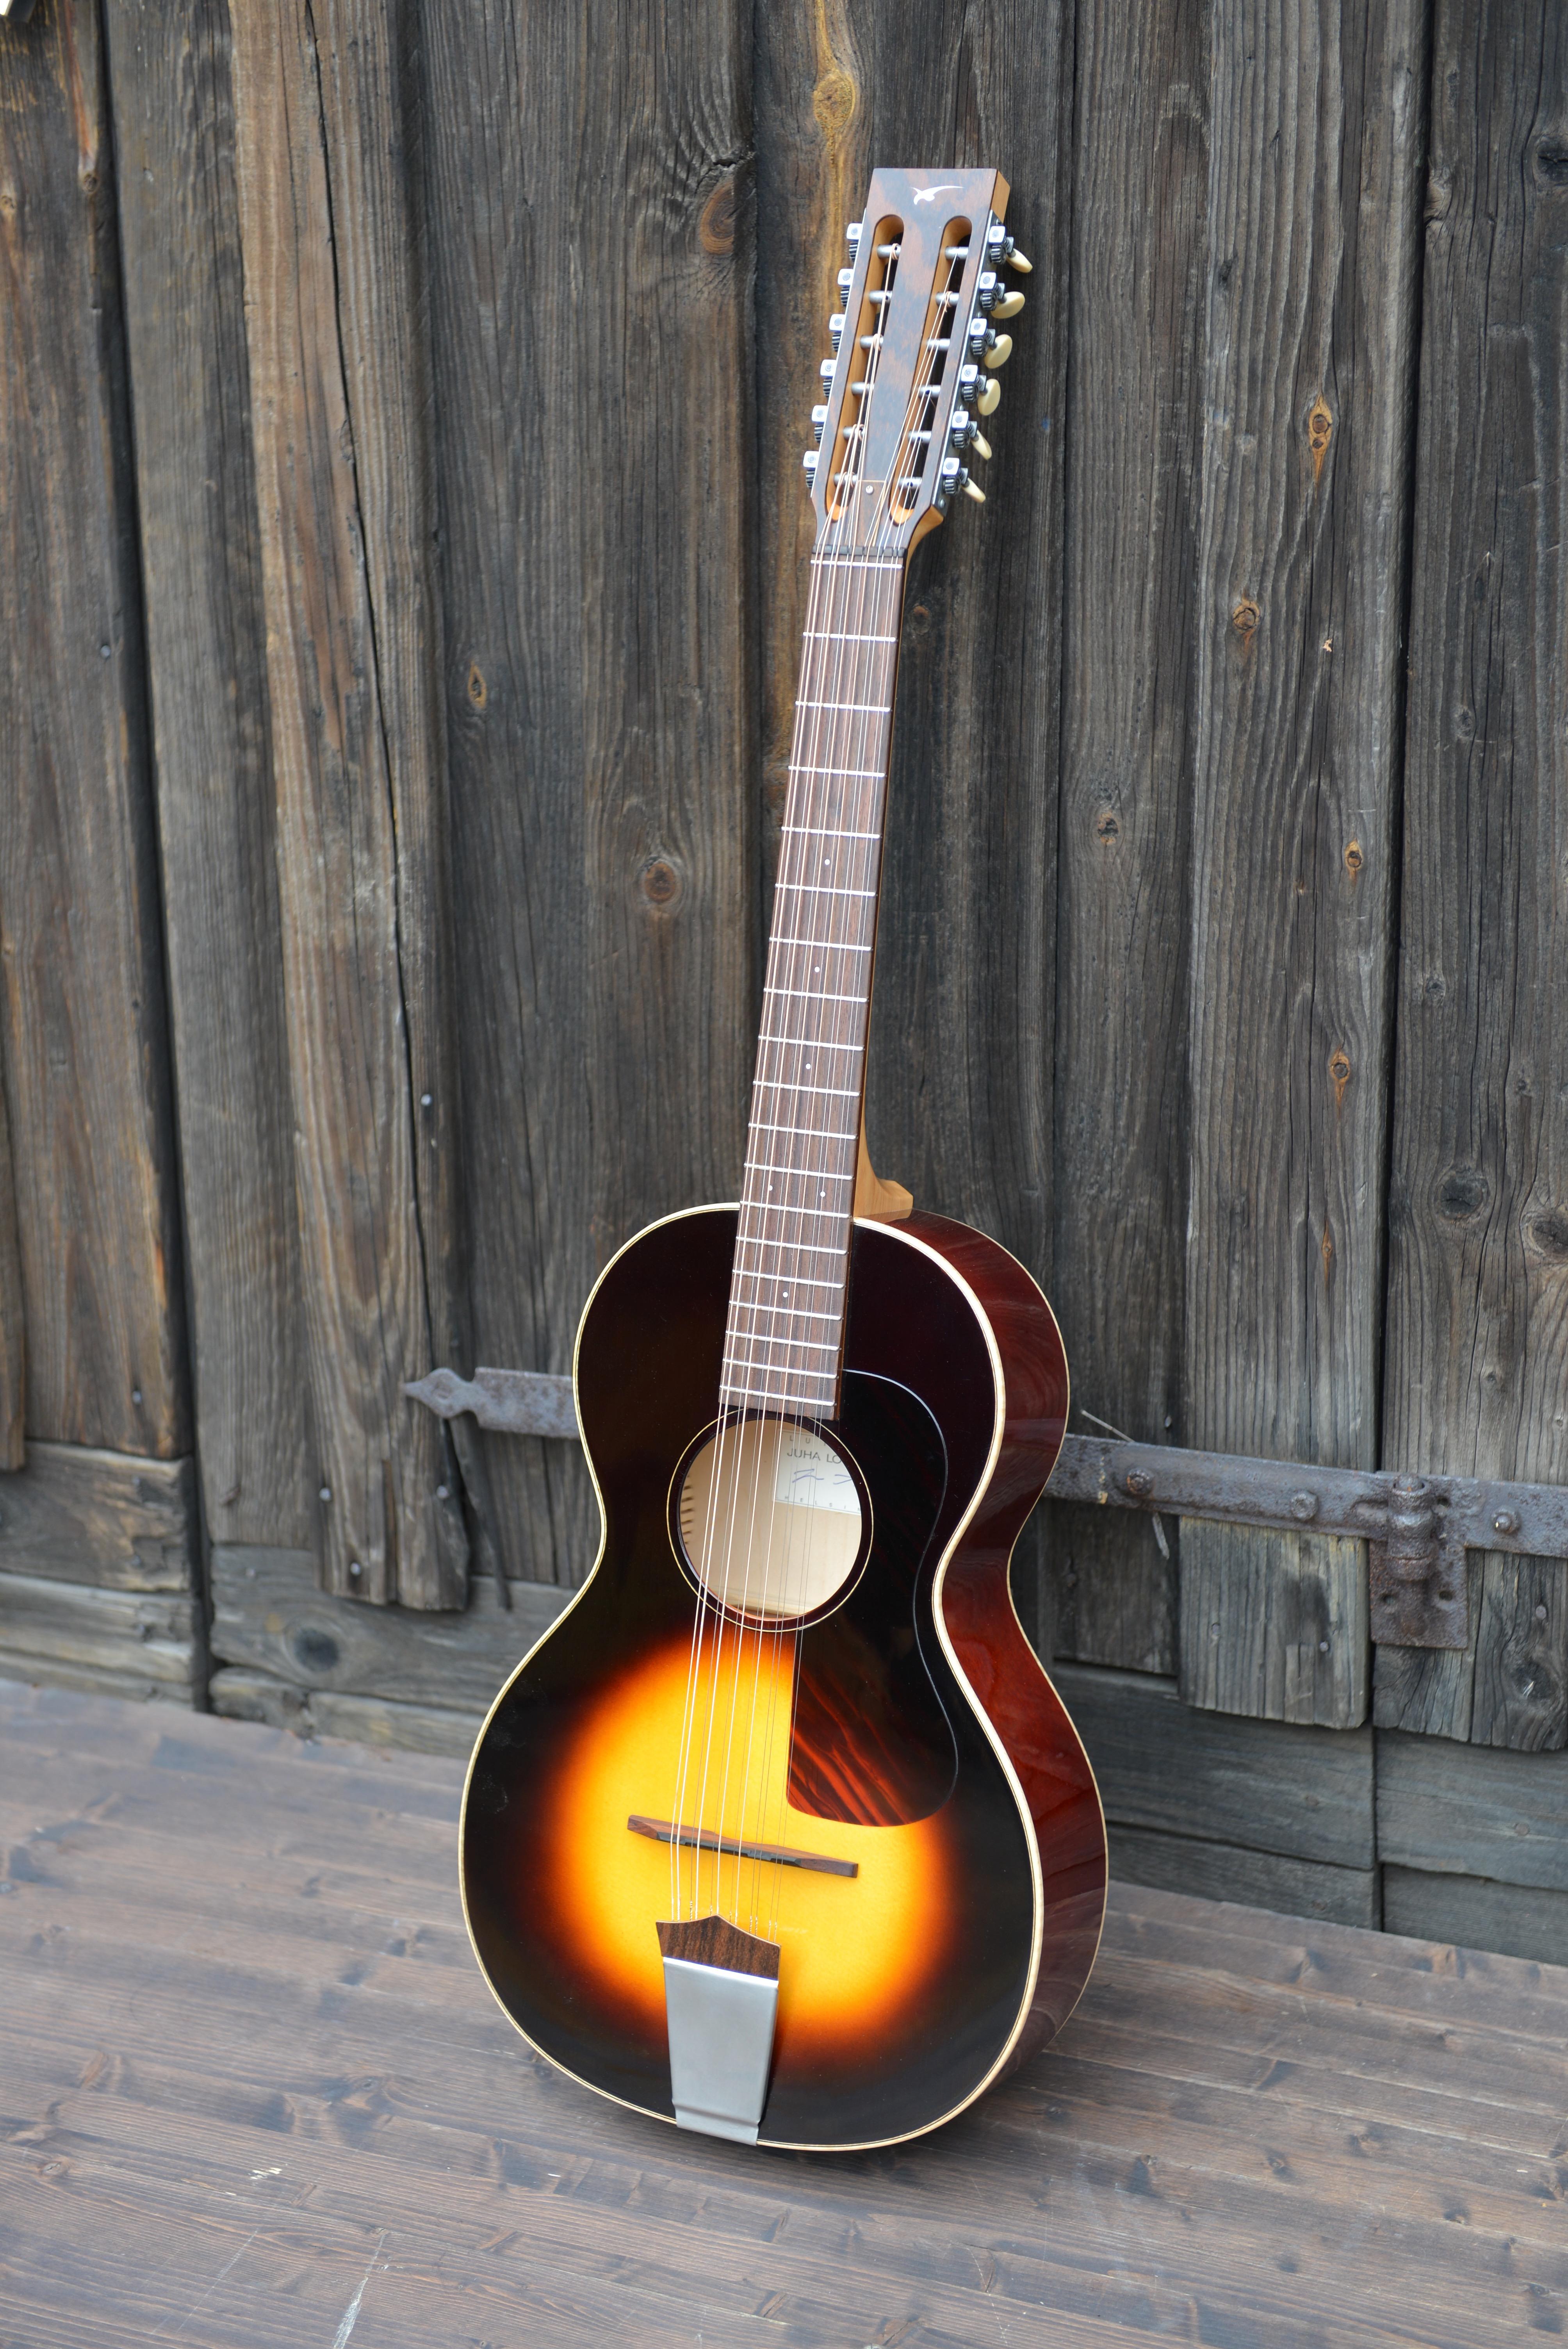 Lottonen Guitars